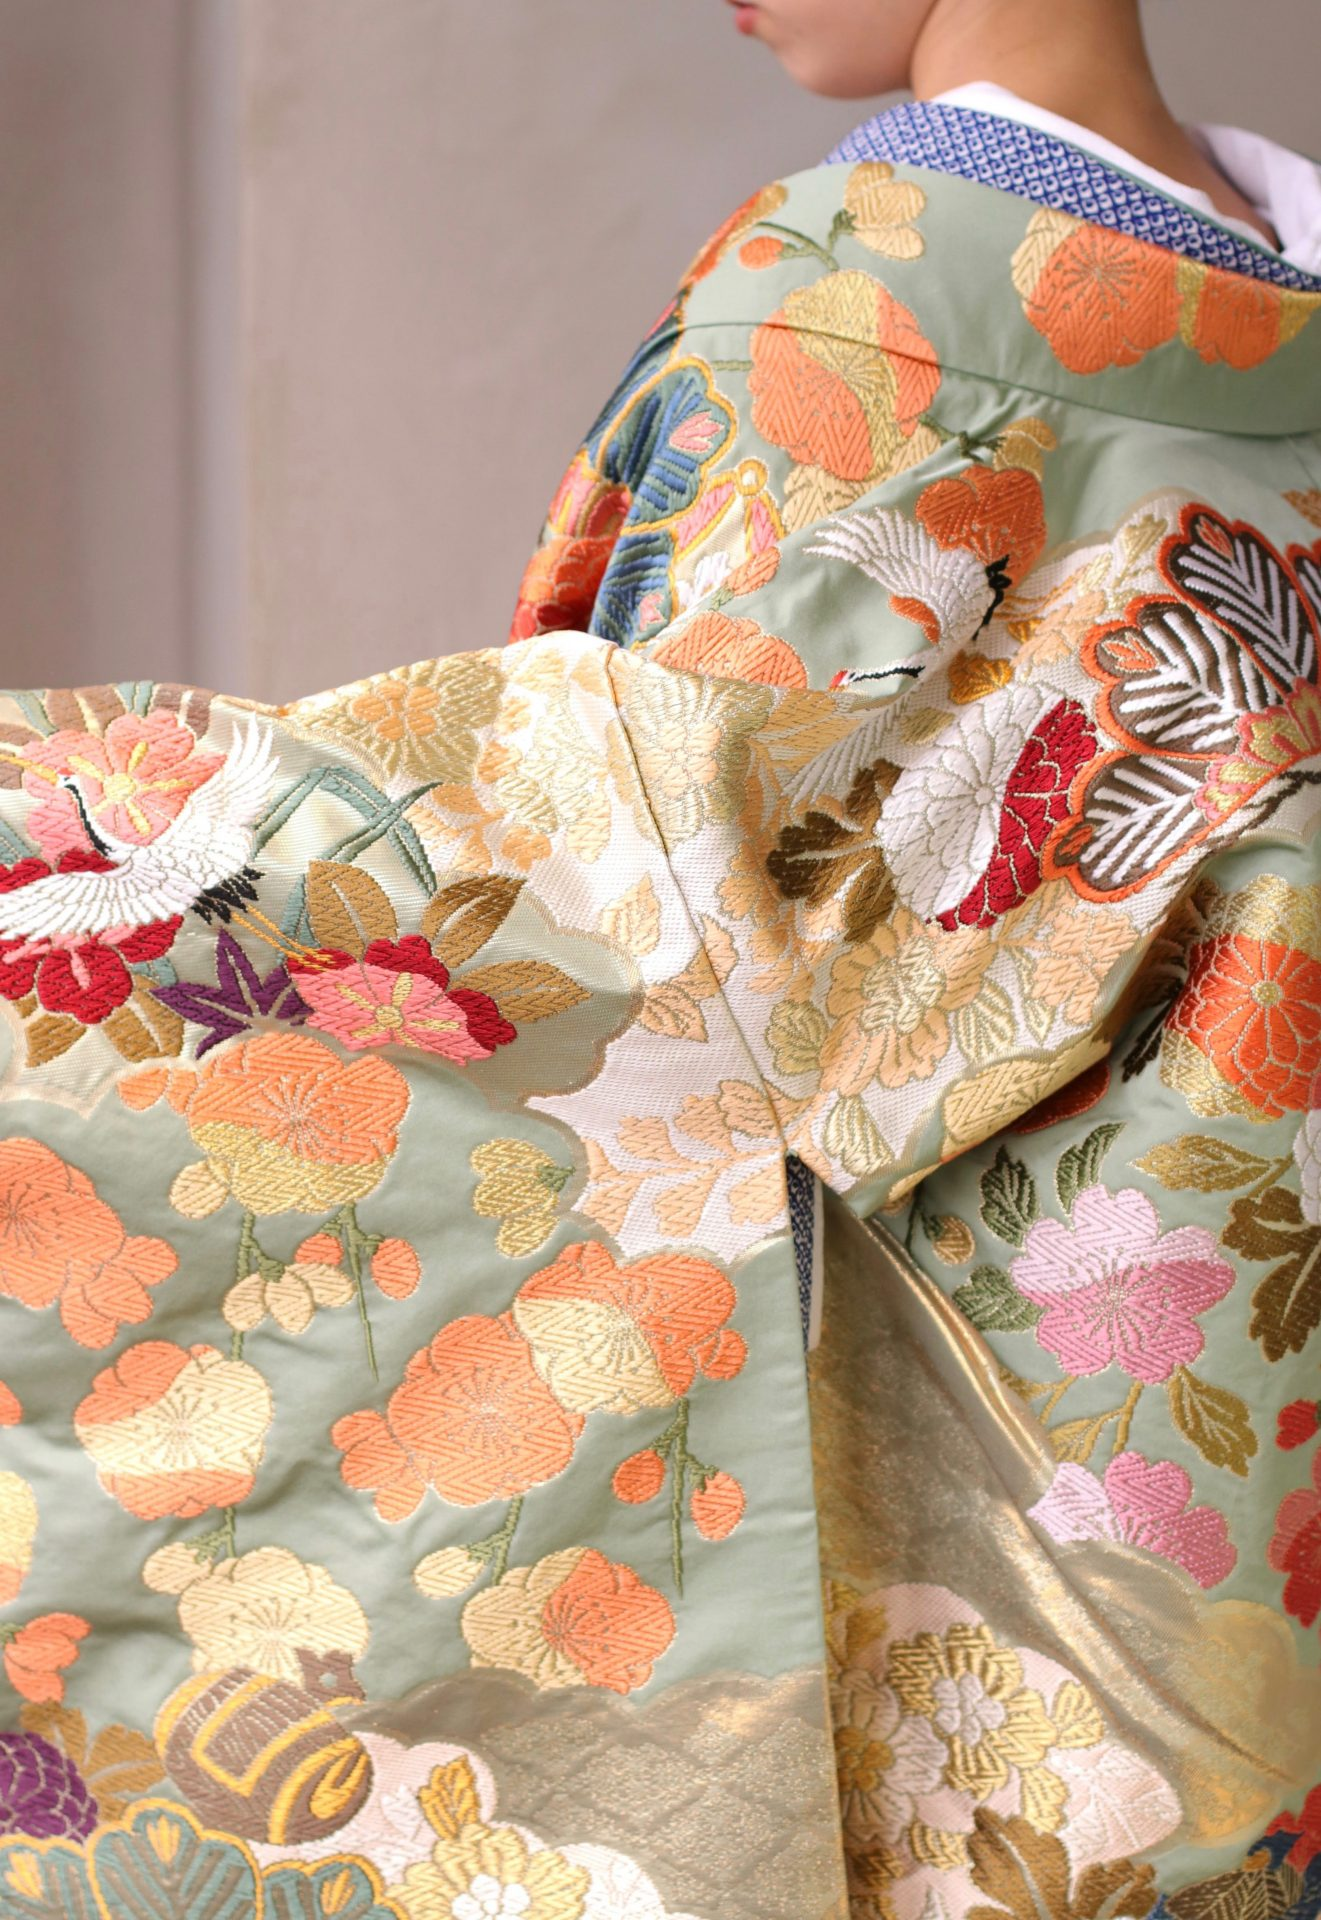 四季折々の花柄やつがい鶴の絵柄が美しい唐織の色打掛は、古典的な印象でありつつも重くなりすぎないため、緑が生い茂る春の結婚式や太陽の日差しが降り注ぐスタジオでの前撮りにおすすめのデザインです